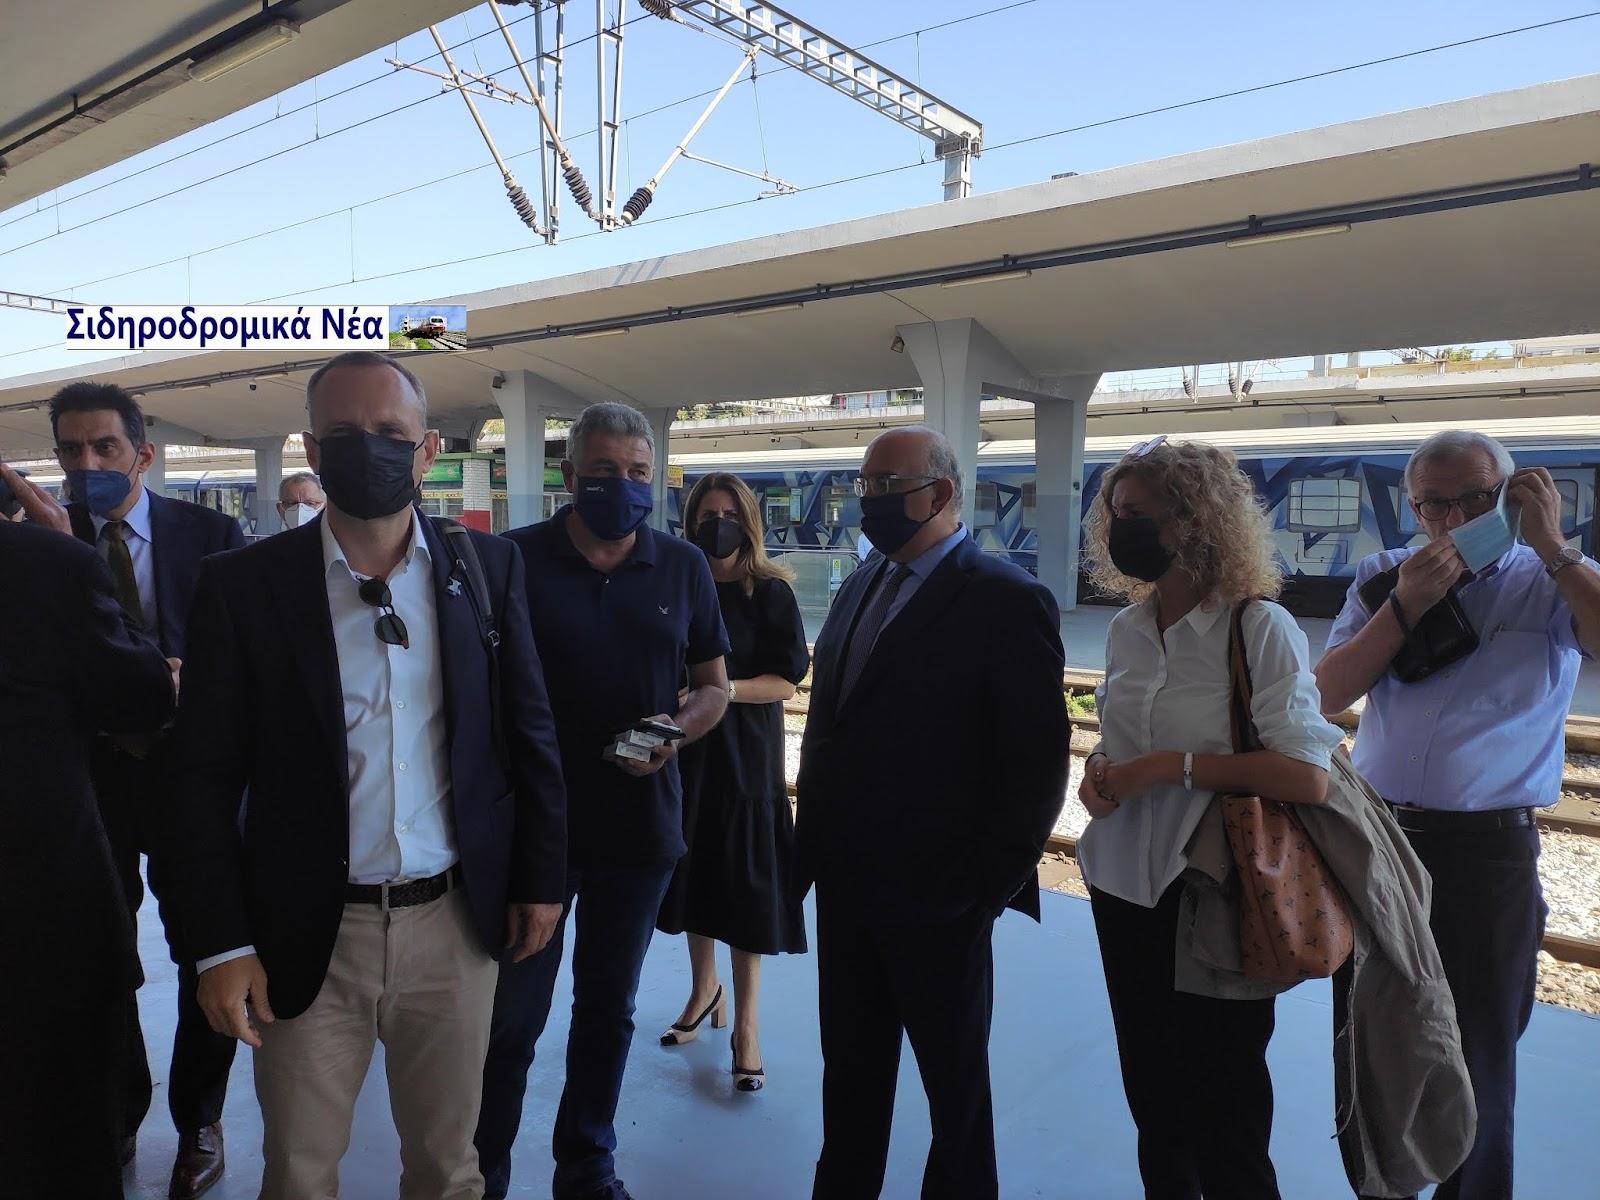 Σιδηροδρομικό σταθμός Θεσσαλονίκης: Τα πηγαδάκια πριν την άφιξη Connecting Europe Express. - Φωτογραφία 1